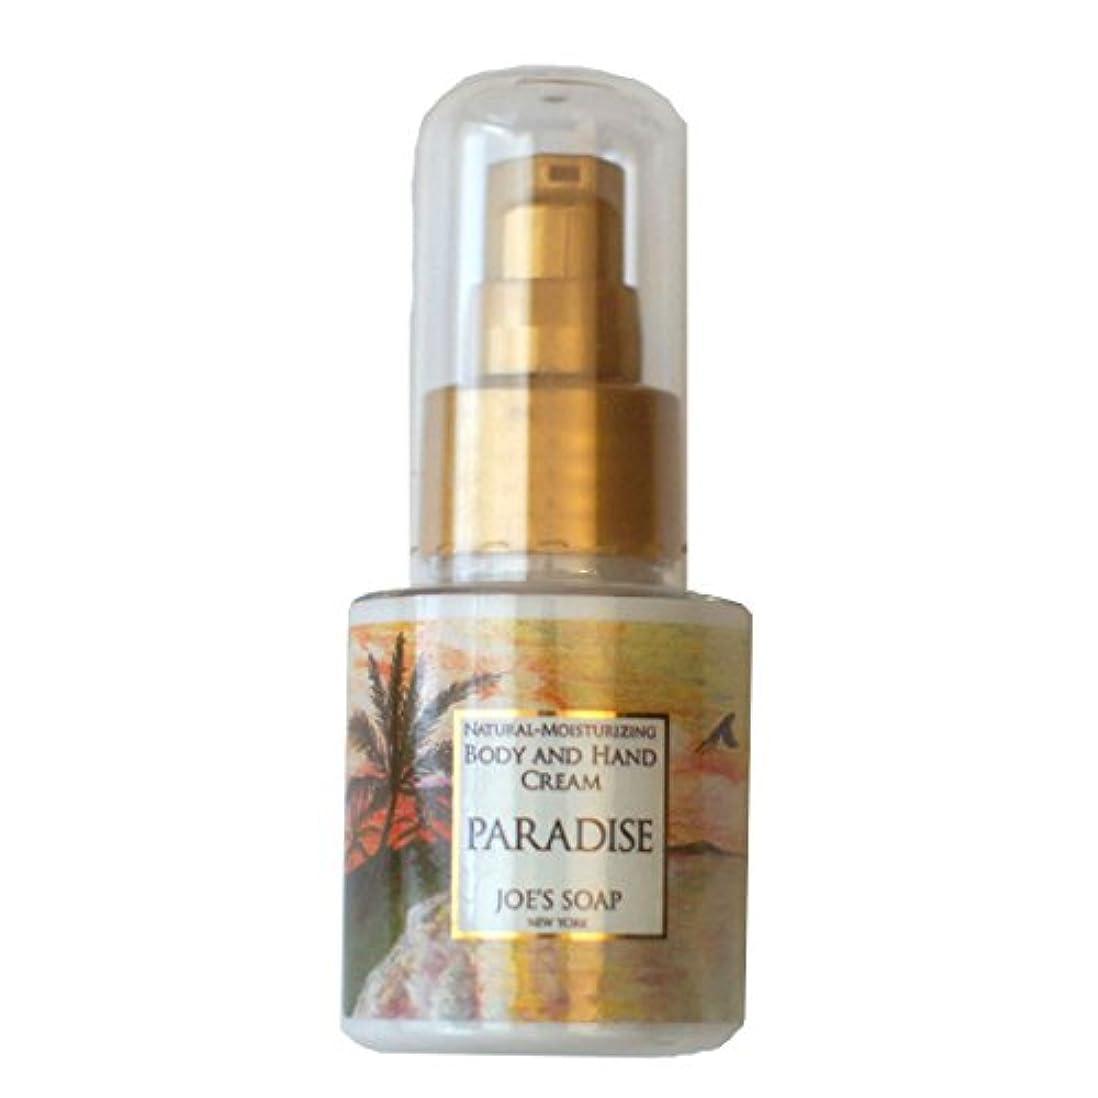 ファンシー納得させる豪華なJOE'S SOAP ( ジョーズソープ ) ボディクリーム ハンドクリーム (PARADISE) ポンプ保湿 ローズ ギフト プレゼント 女性 いい香り